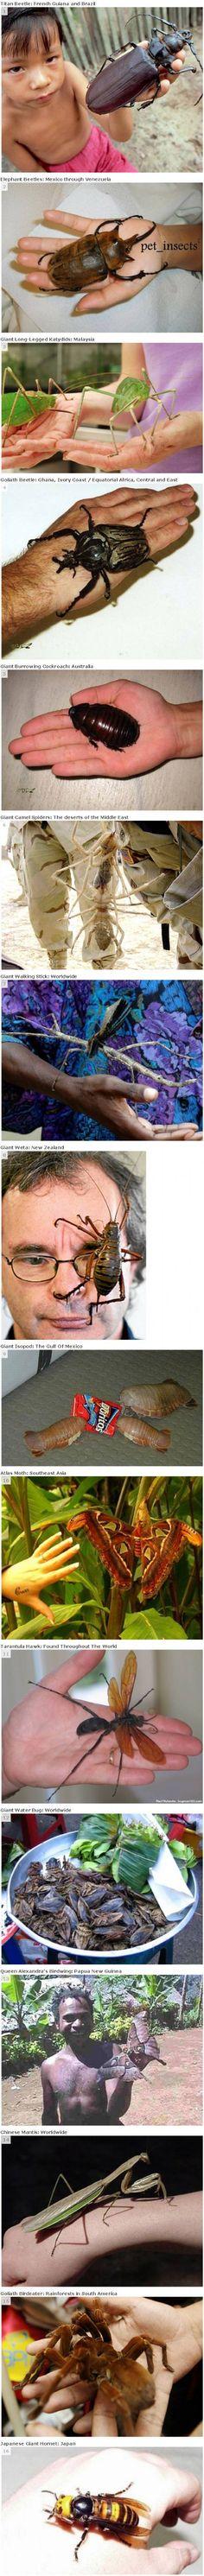 grote (!!) insecten